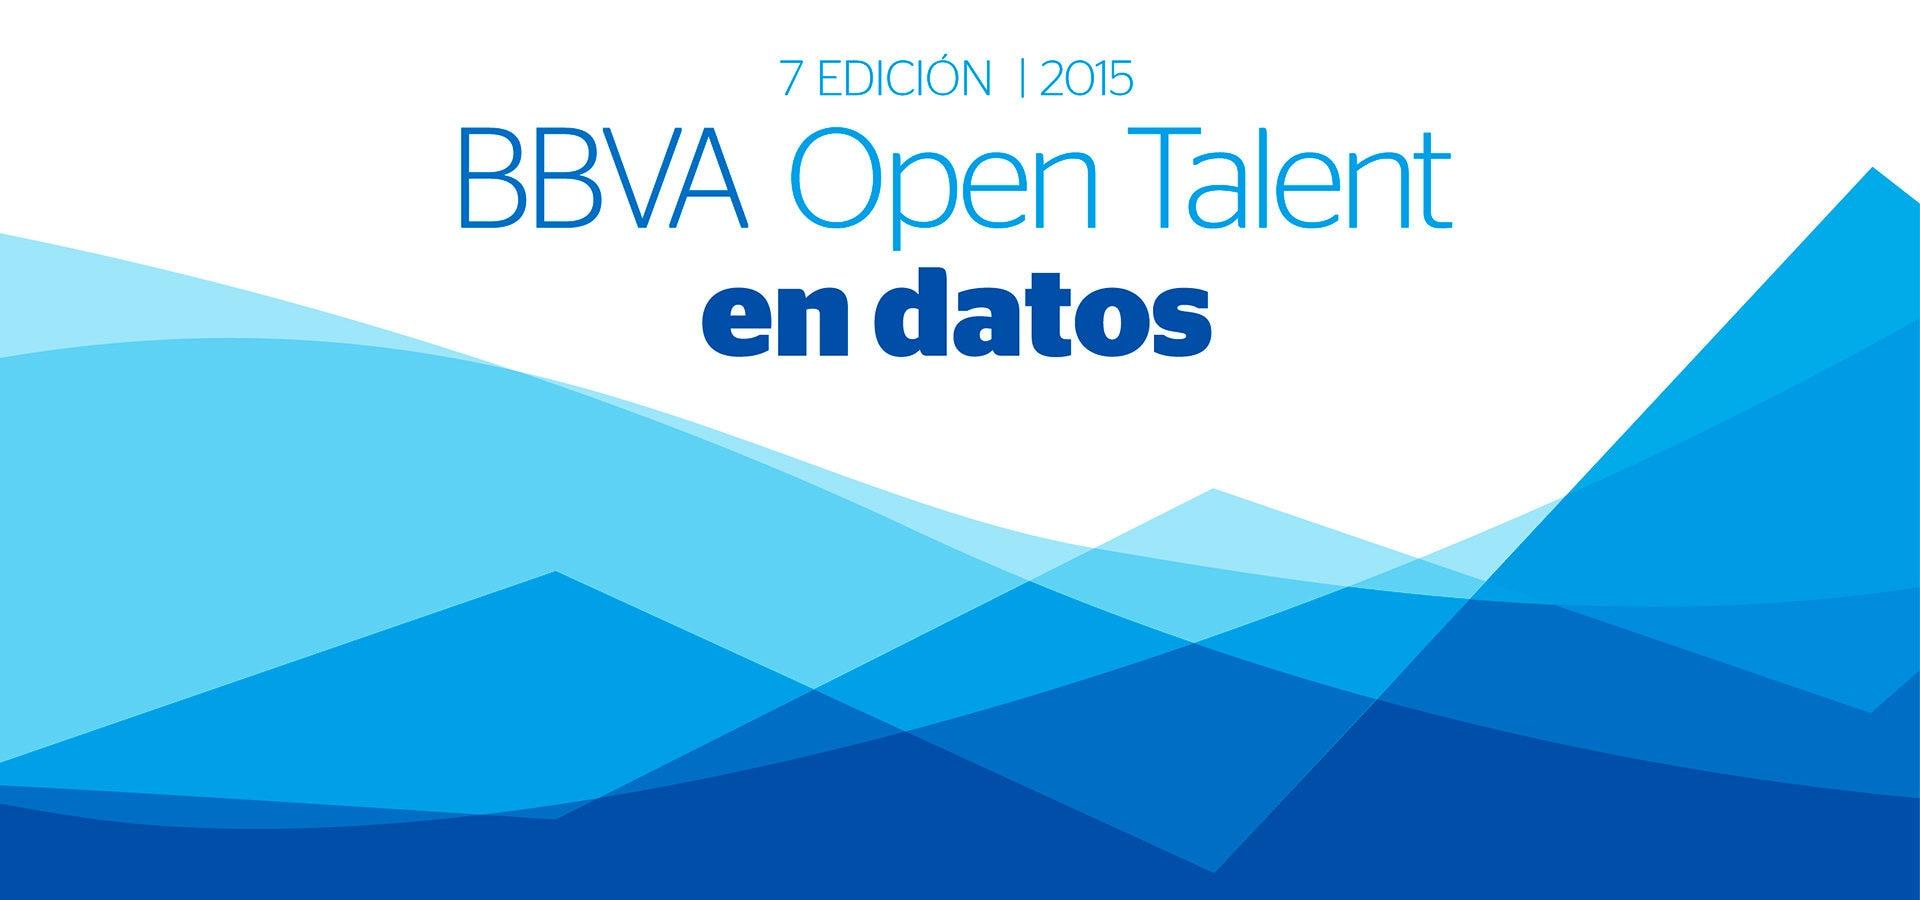 bbva-open-talent-en-datos